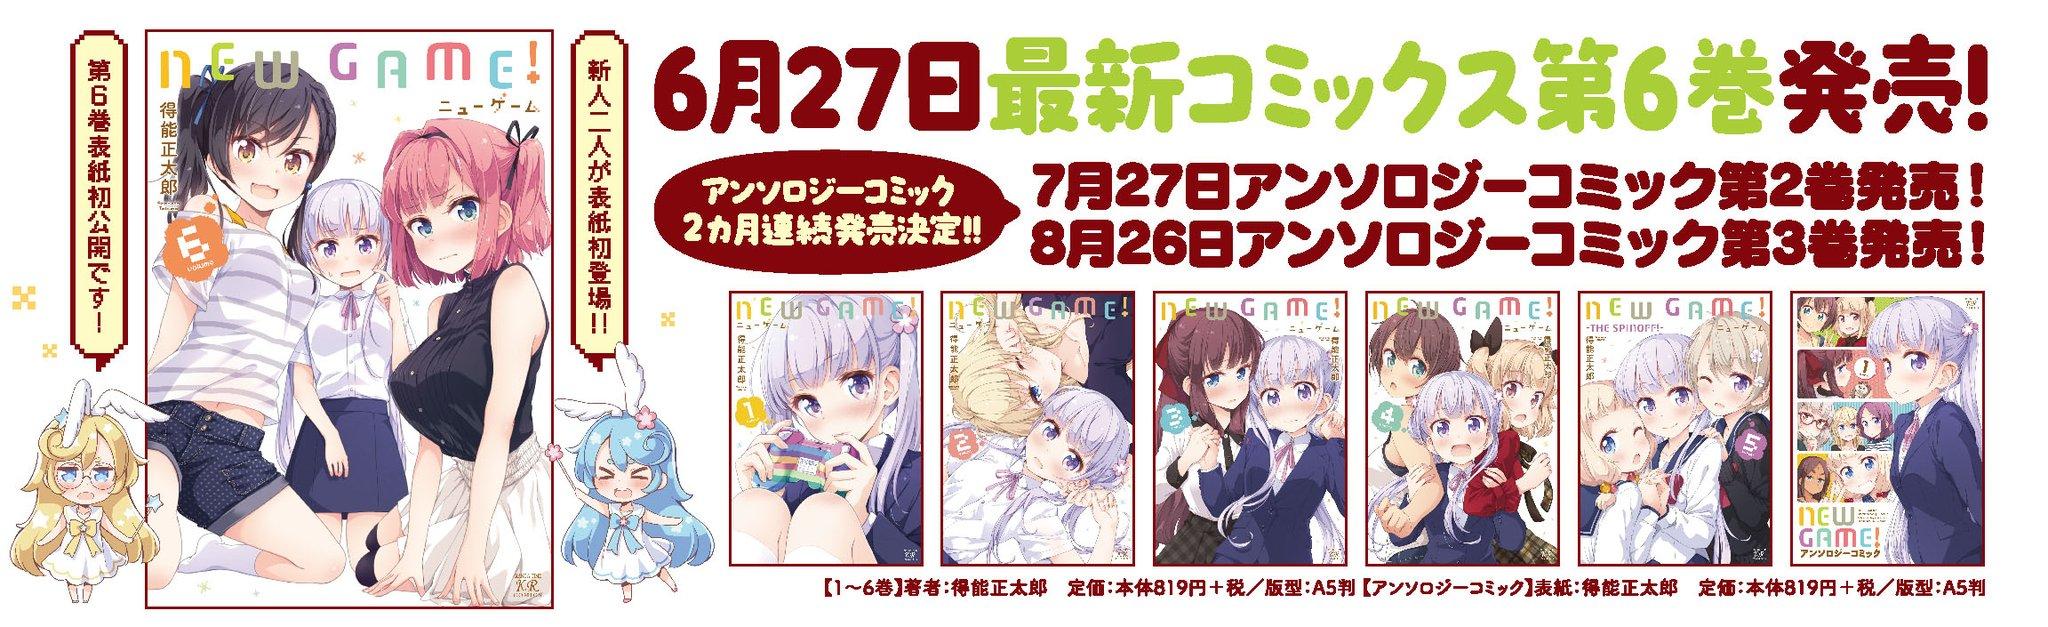 漫画《NEW GAME!》将于6月27日发售第6卷,新角色形象公布-ANICOGA